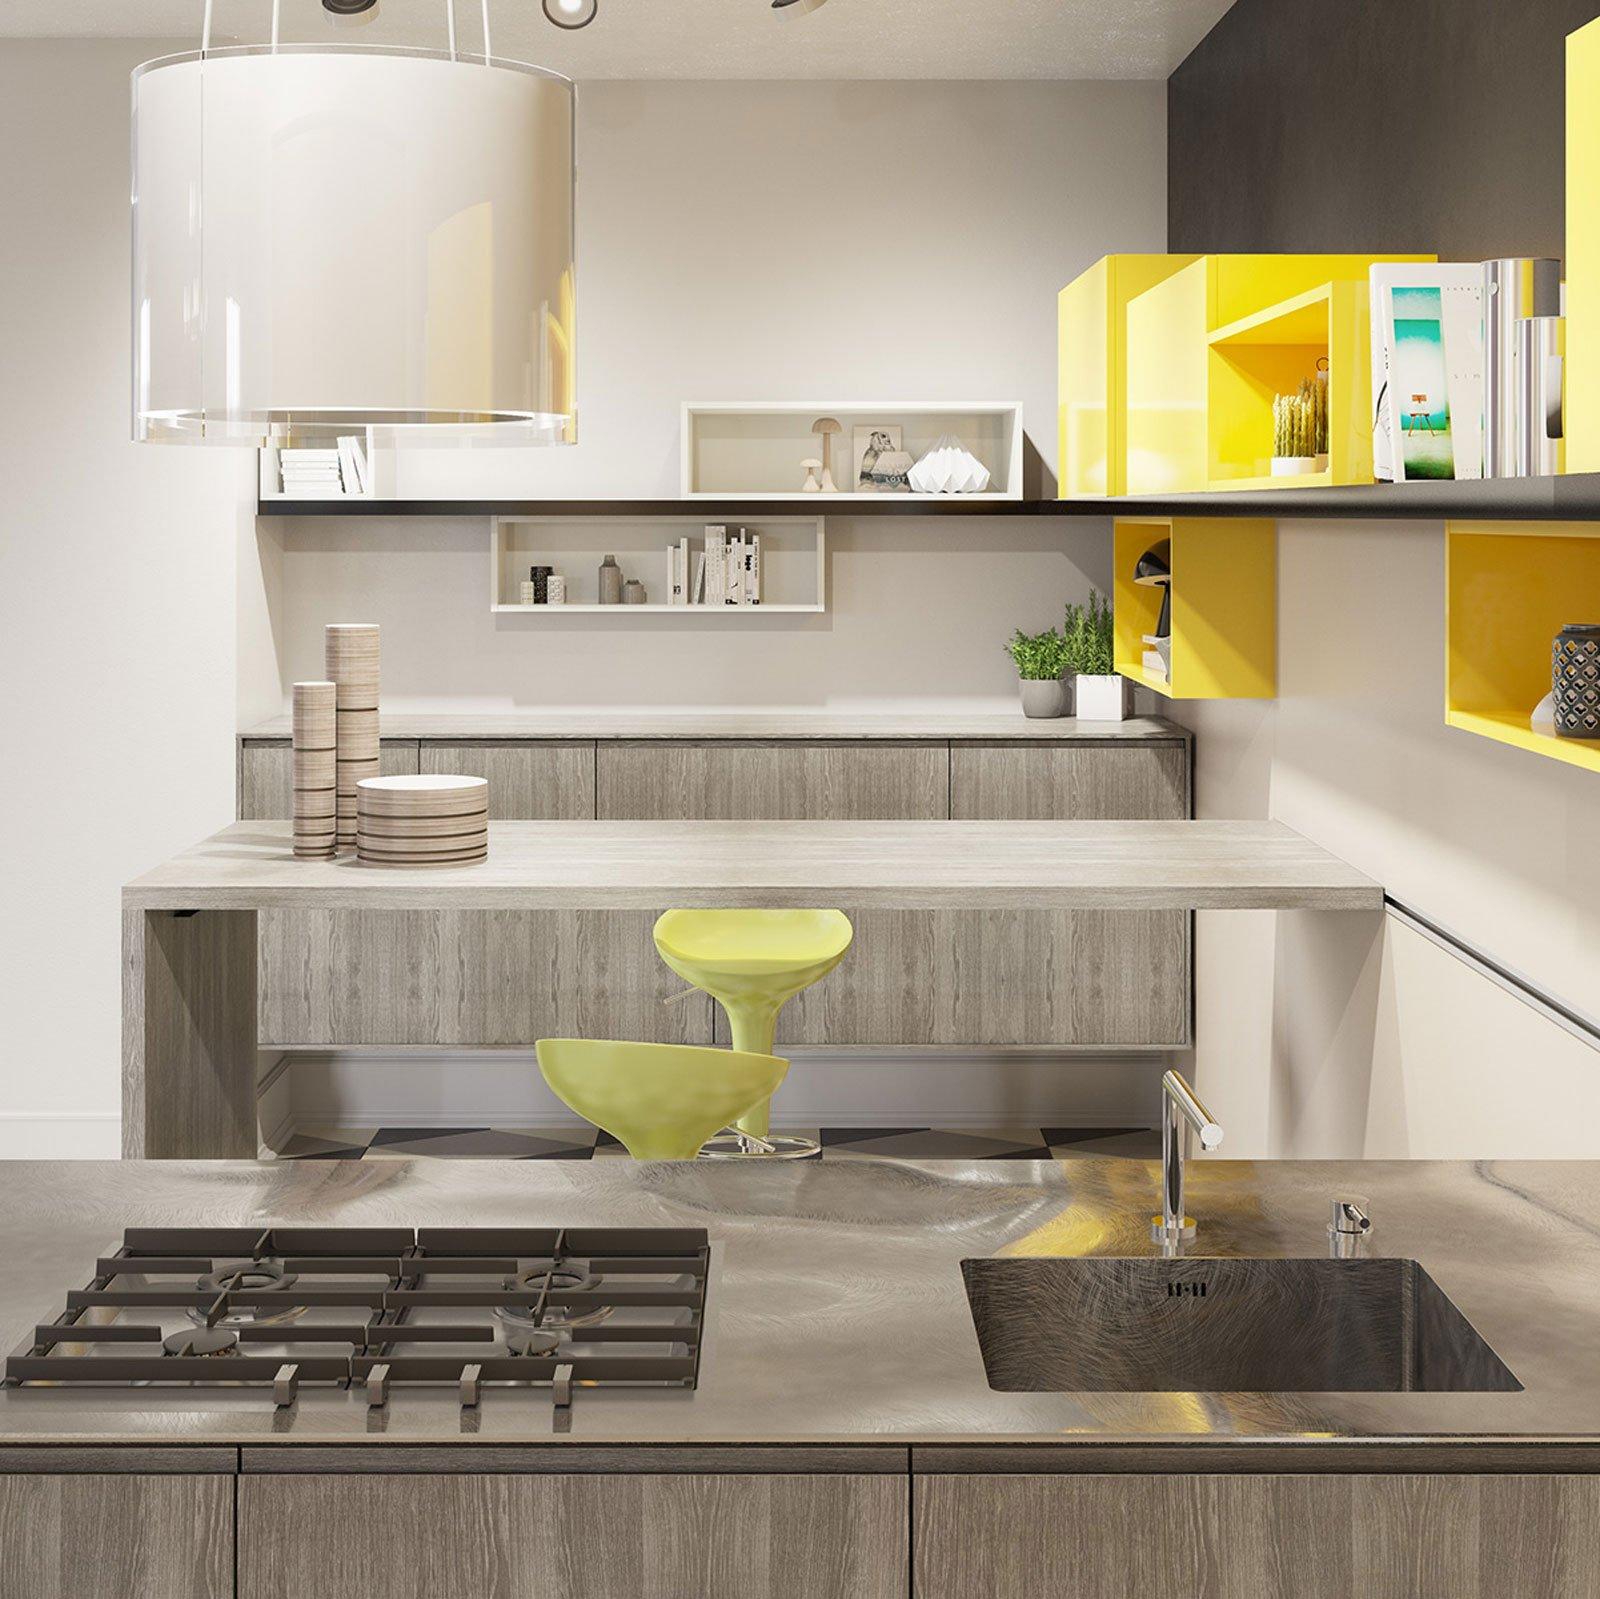 Cucine con cappa decorativa cose di casa - Cucine con cappa centrale ...